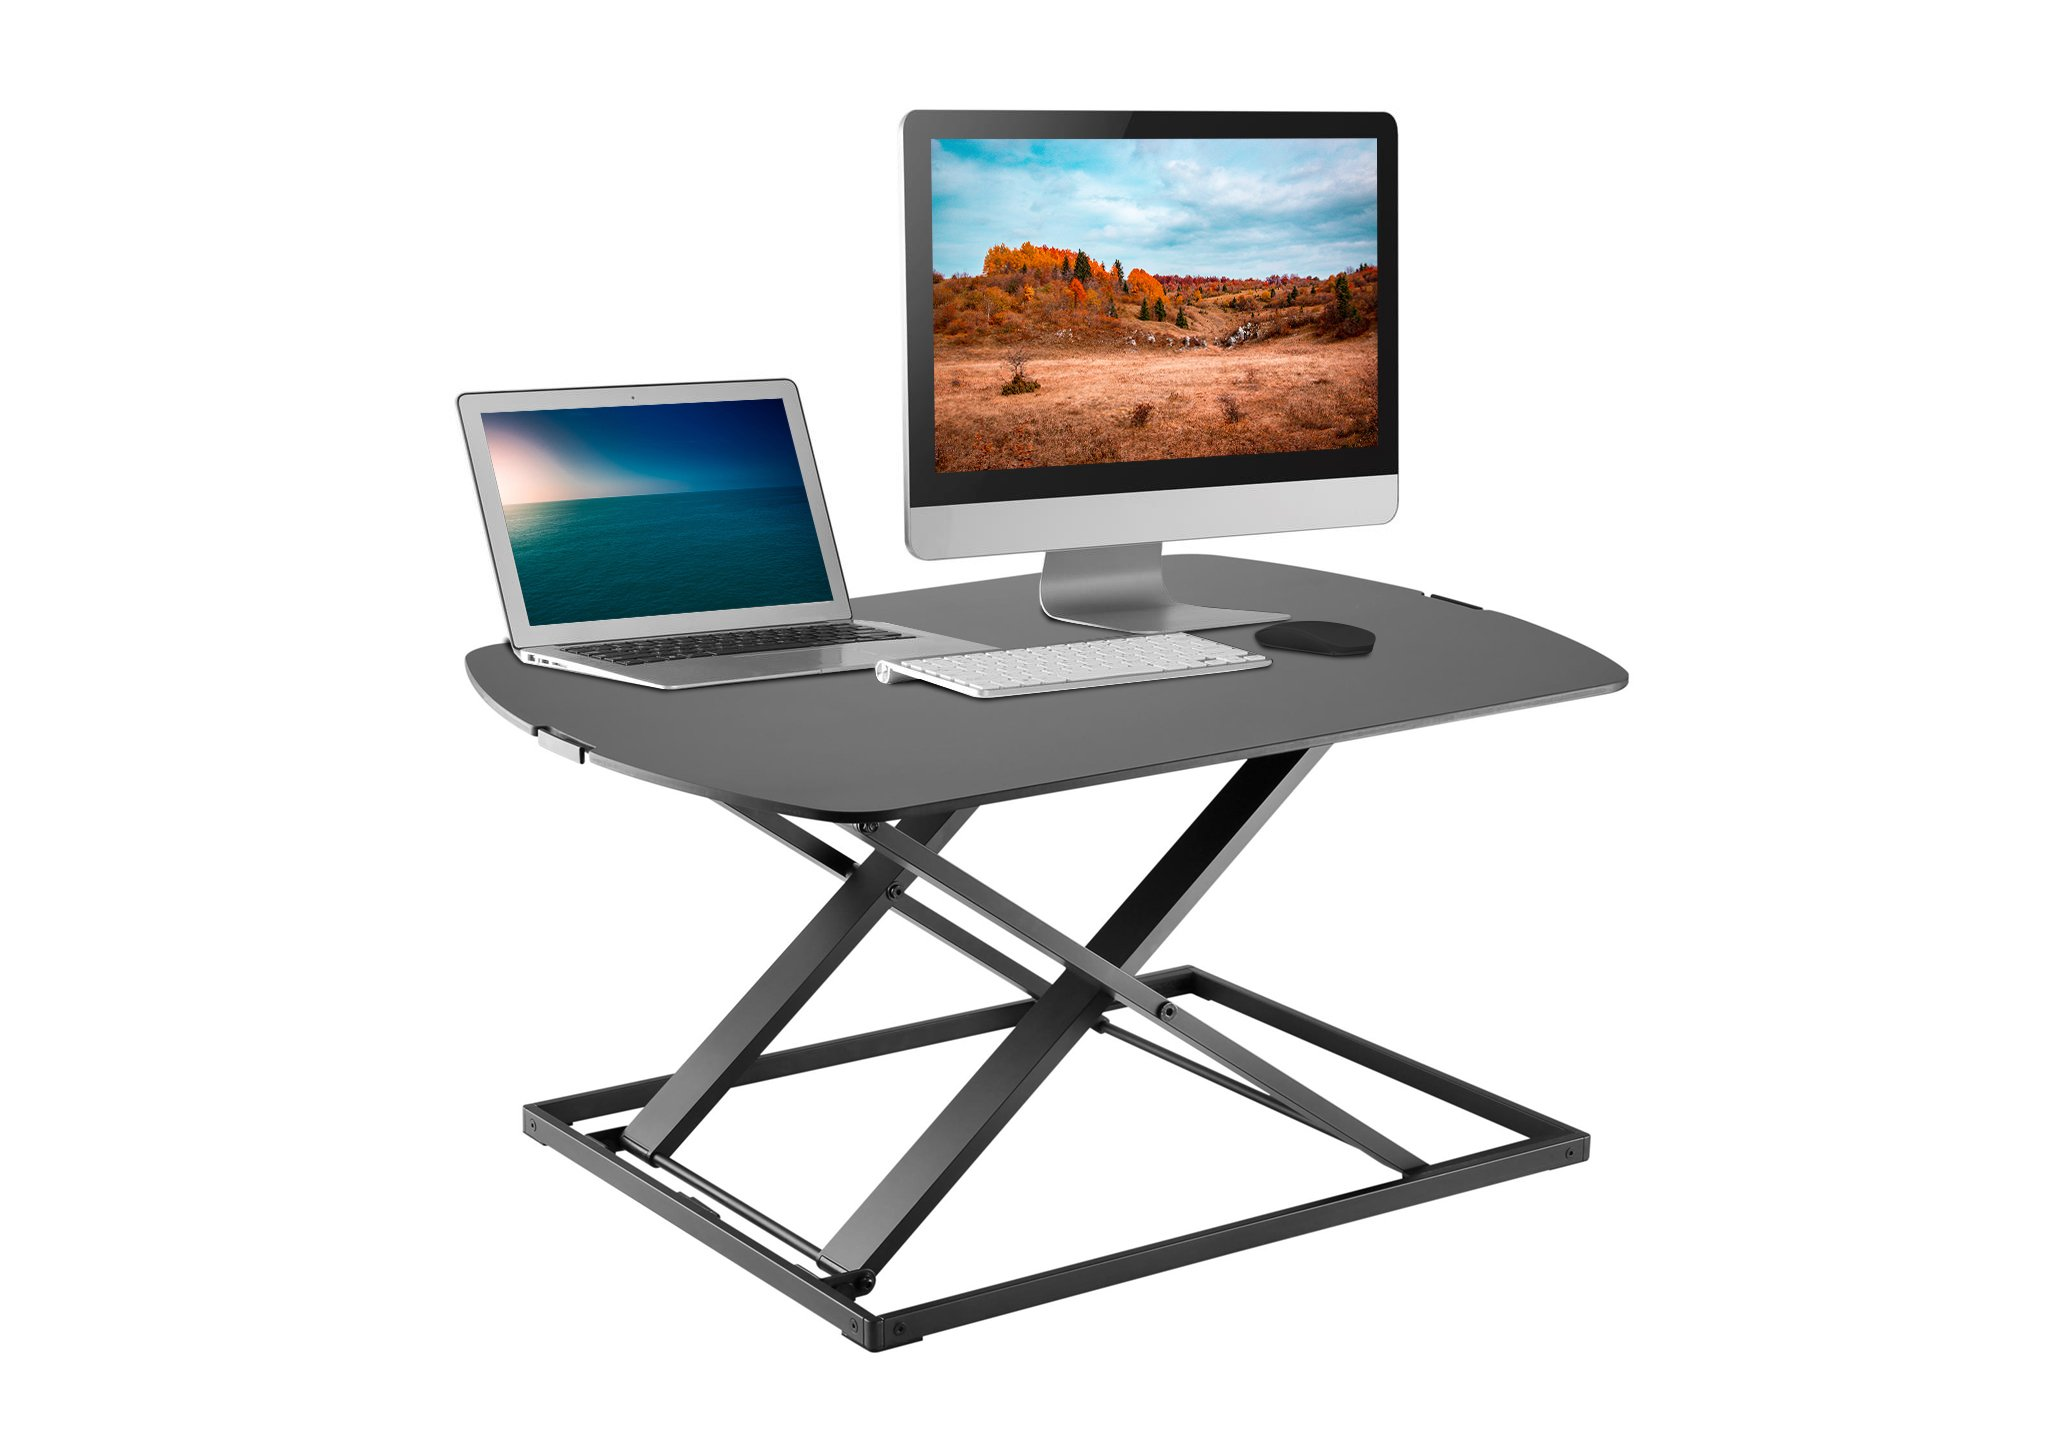 Height Adjustable Single Level Standing Desk - 31'' Wide Sit to Stand Desk Converter Fully Assembled Standing Workstation Riser Black